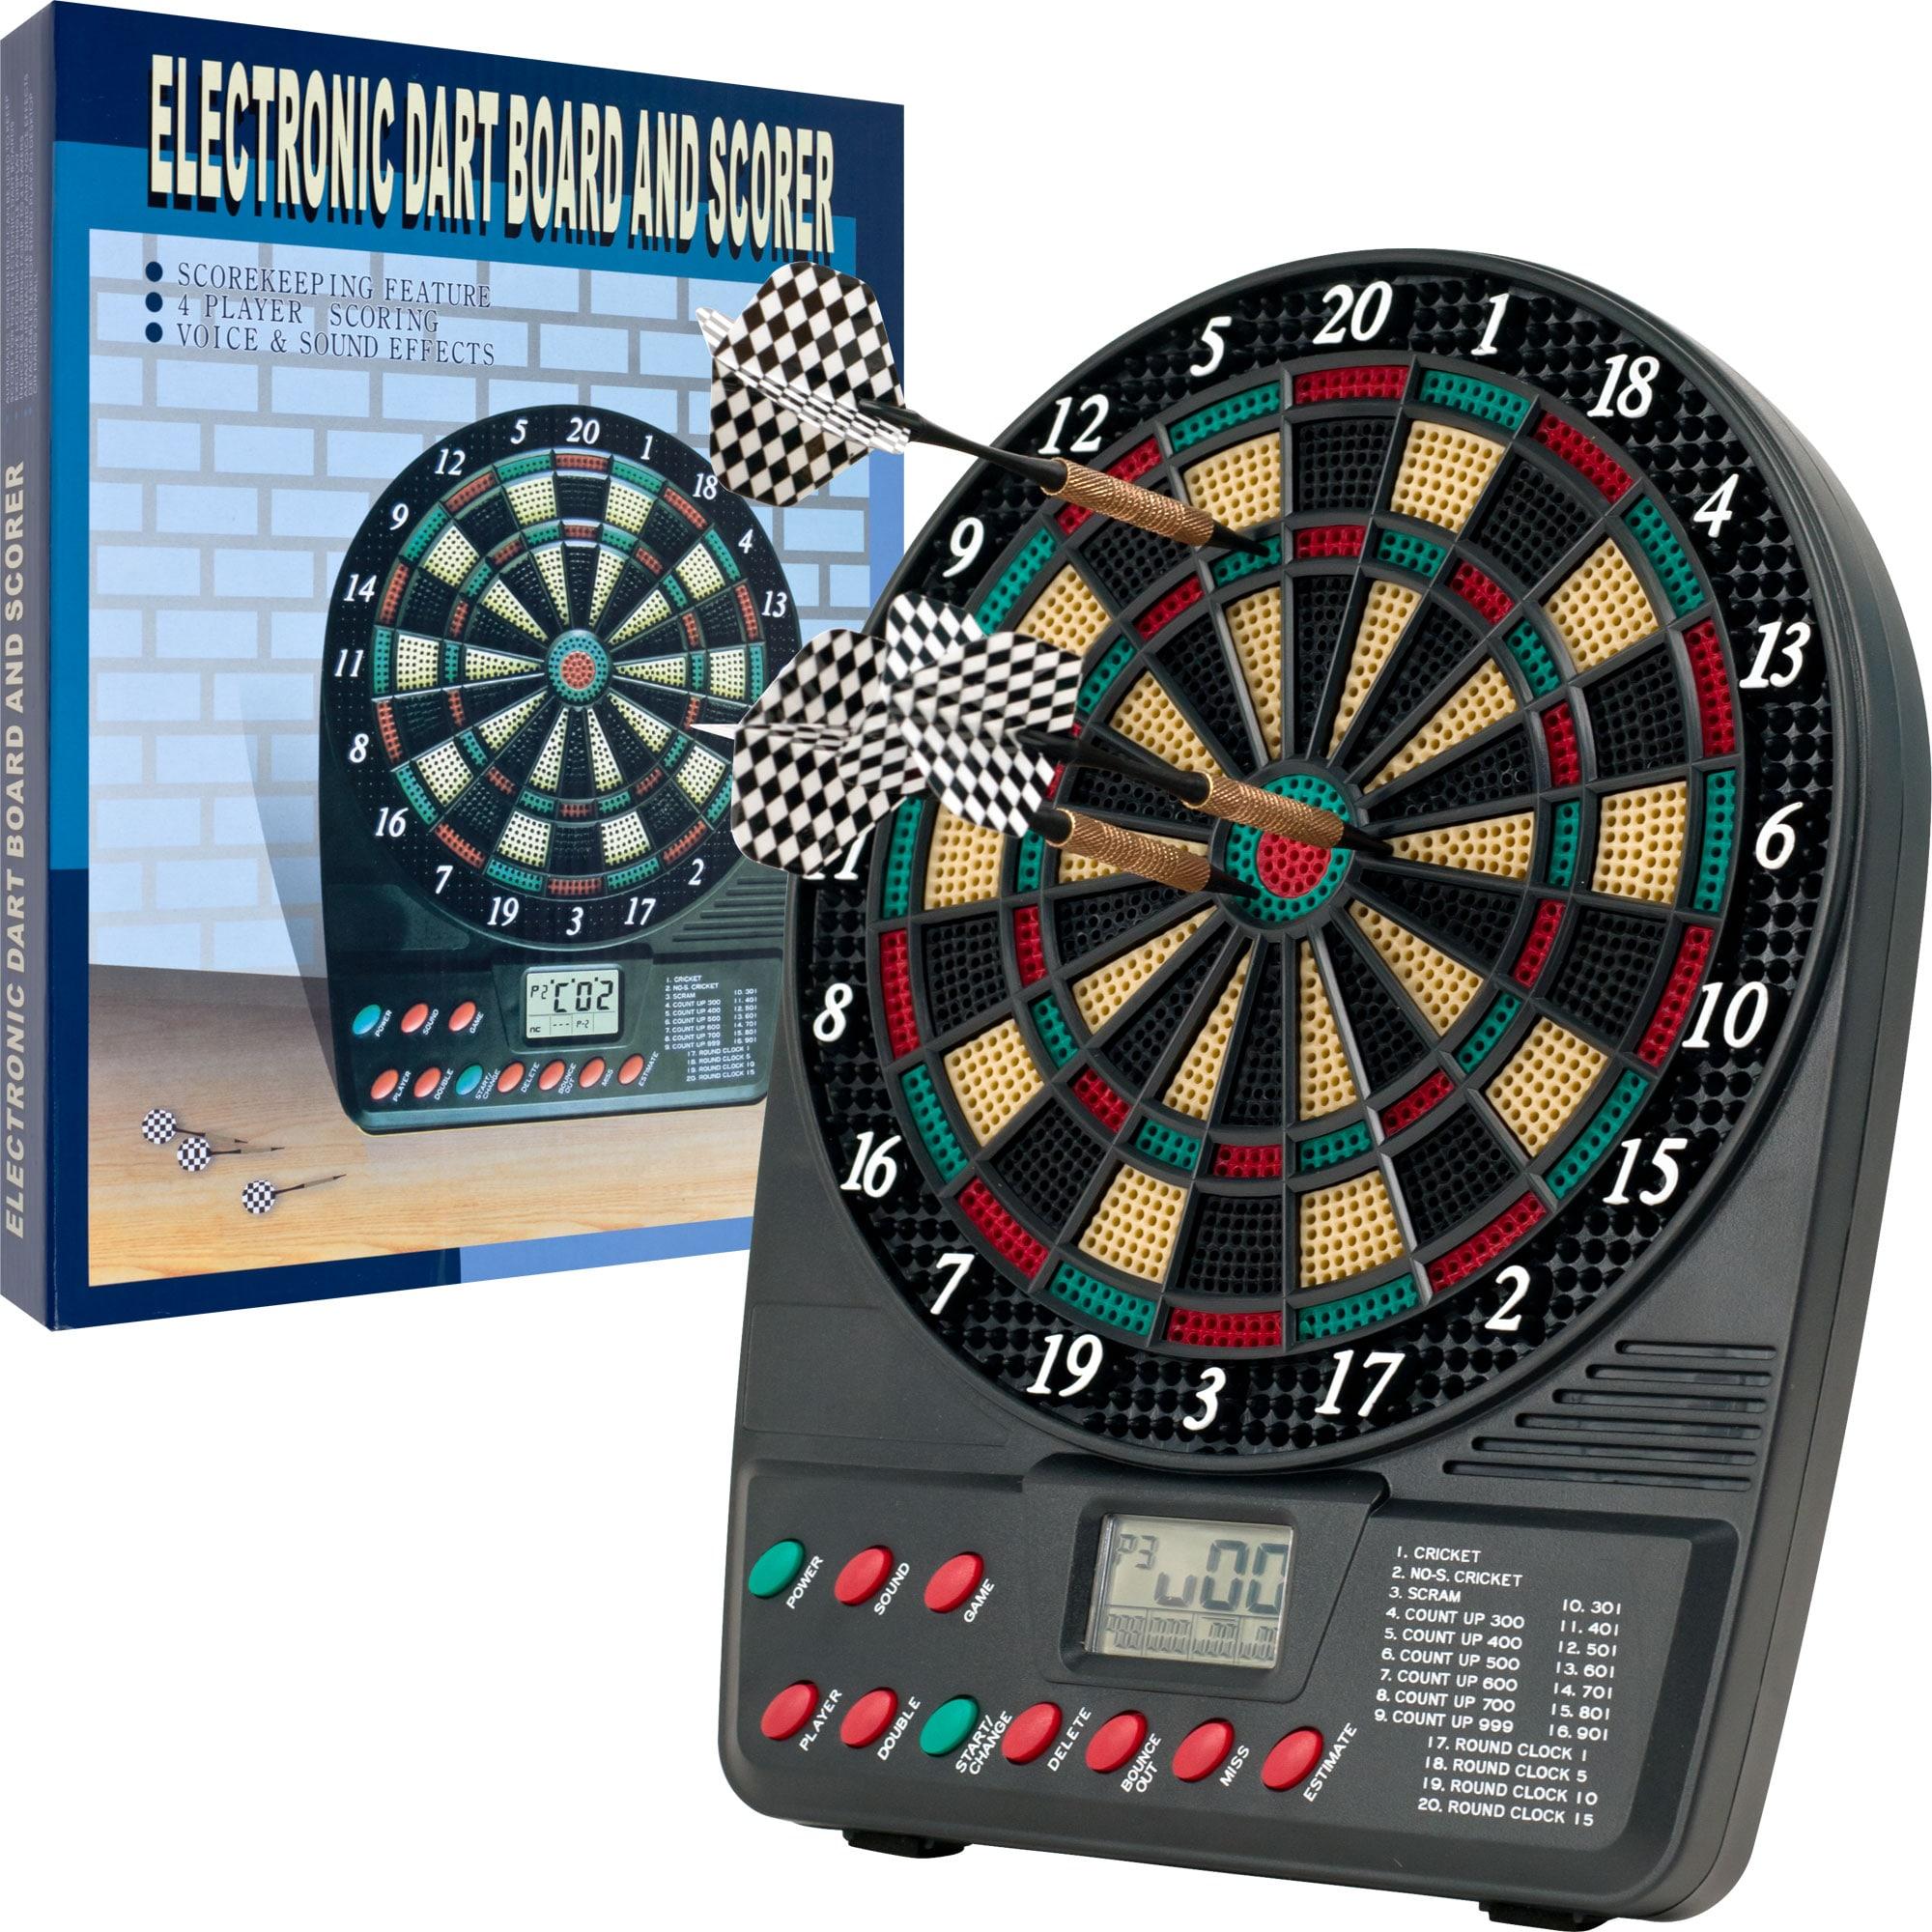 TG Electronic Auto Scorekeeper Mini Dart Set with 20 Game Modes